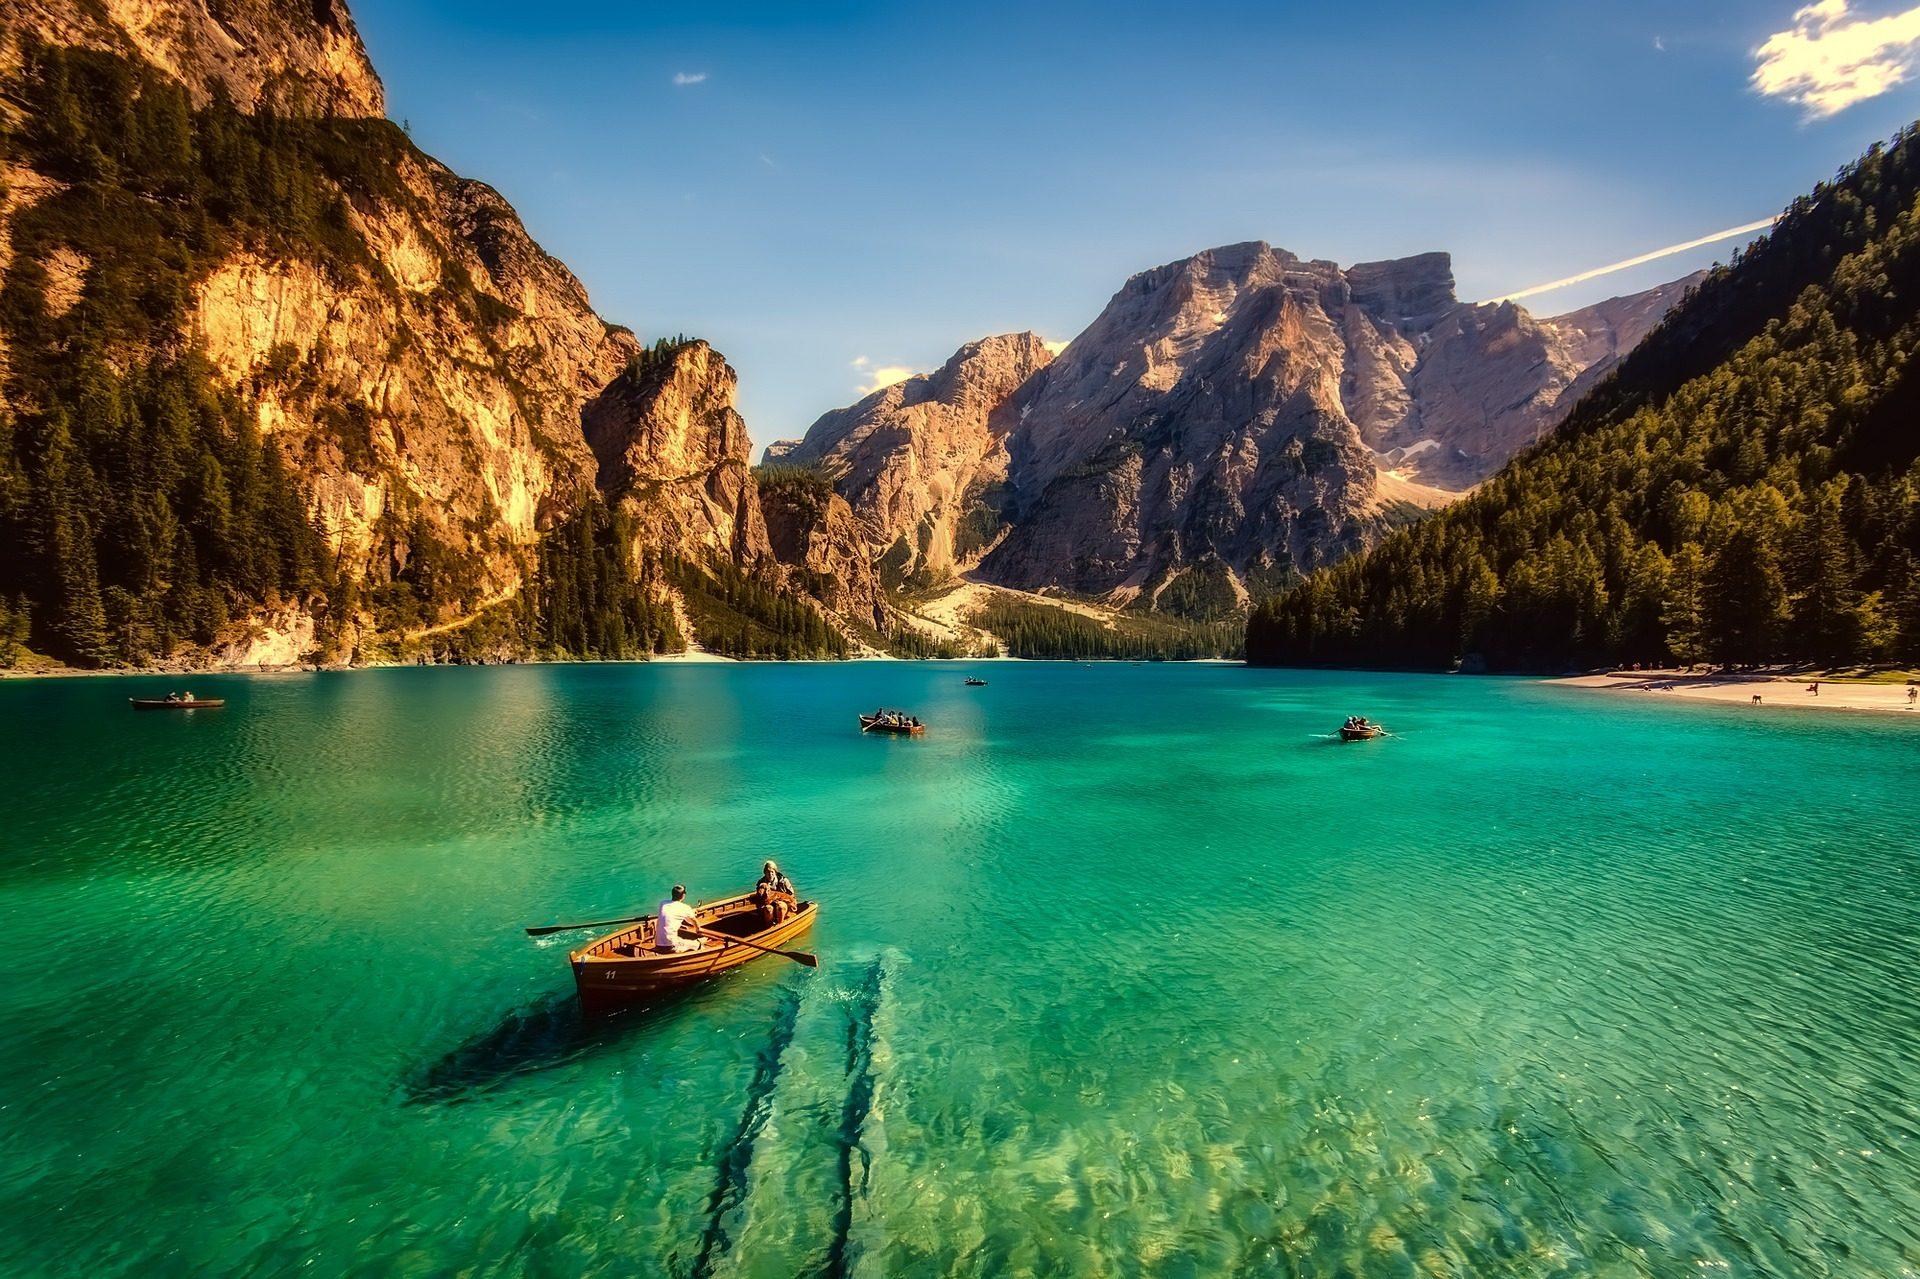 barcas, lago, mar, agua, turquesa - Fondos de Pantalla HD - professor-falken.com